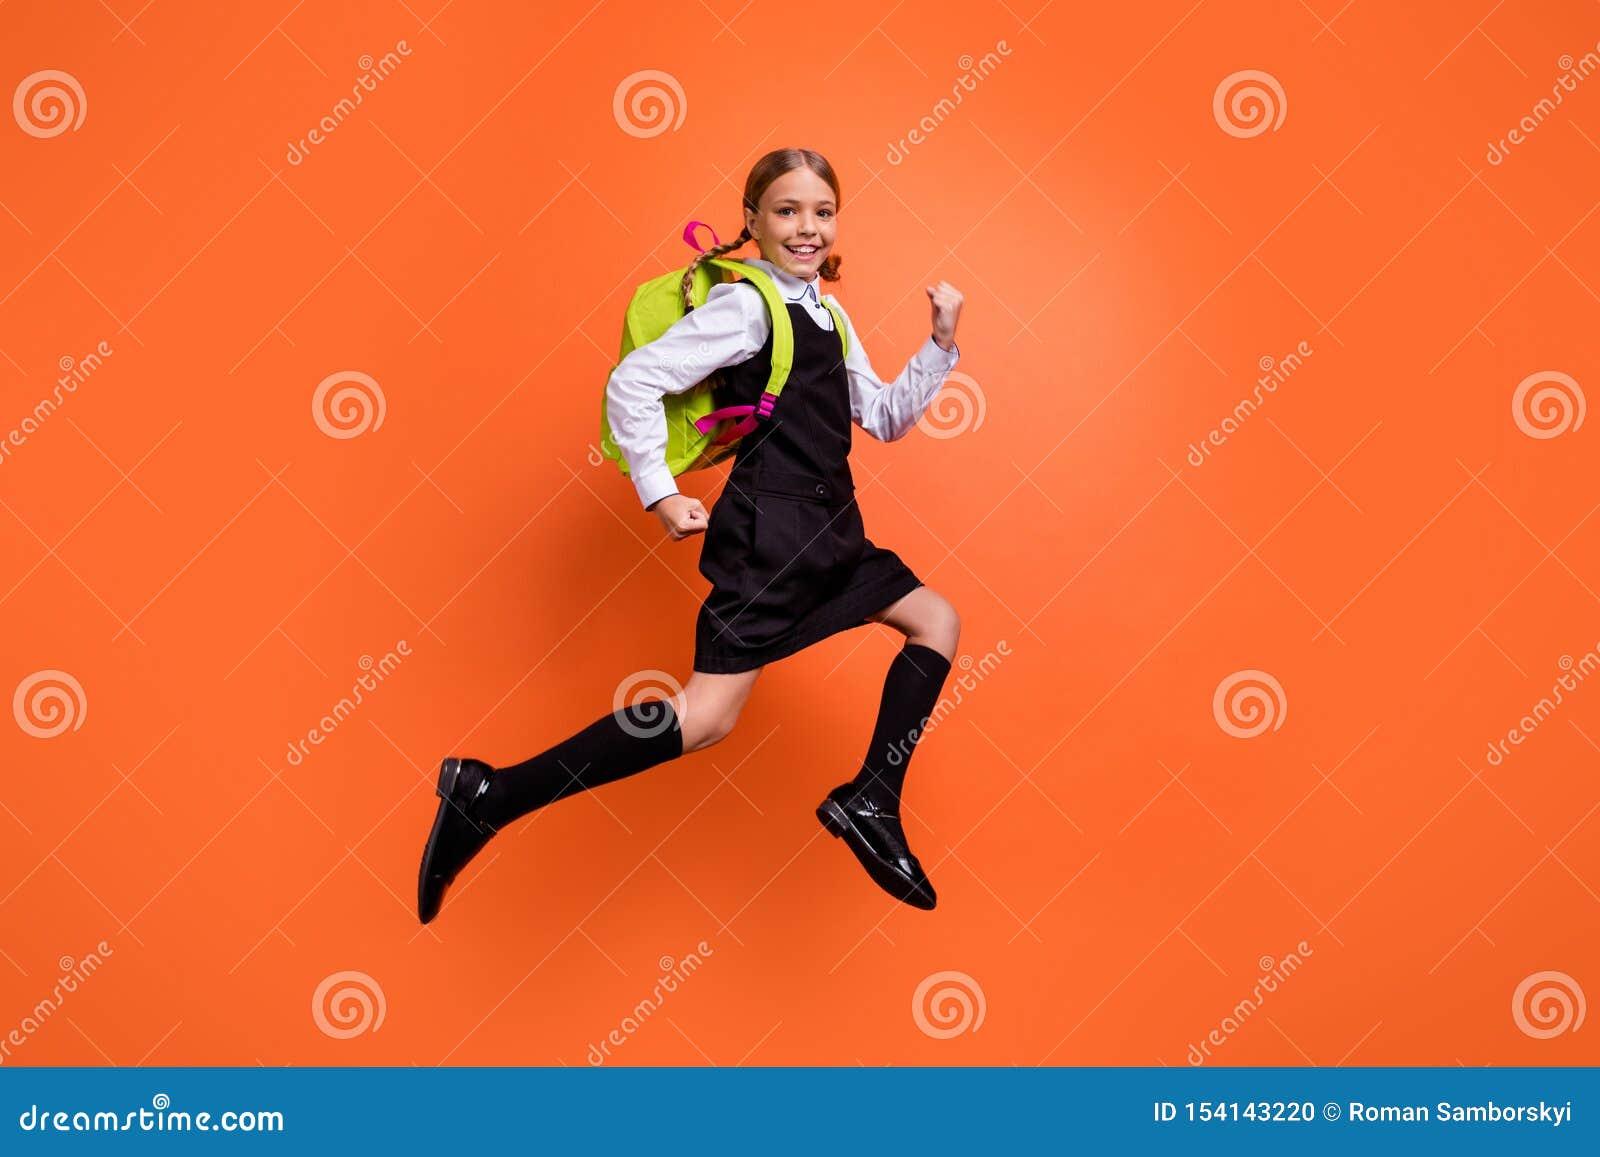 首先快速地跑全长身体尺寸观点的好可爱的可爱的快乐的爽快高兴的努力青春期前的女孩的书呆子